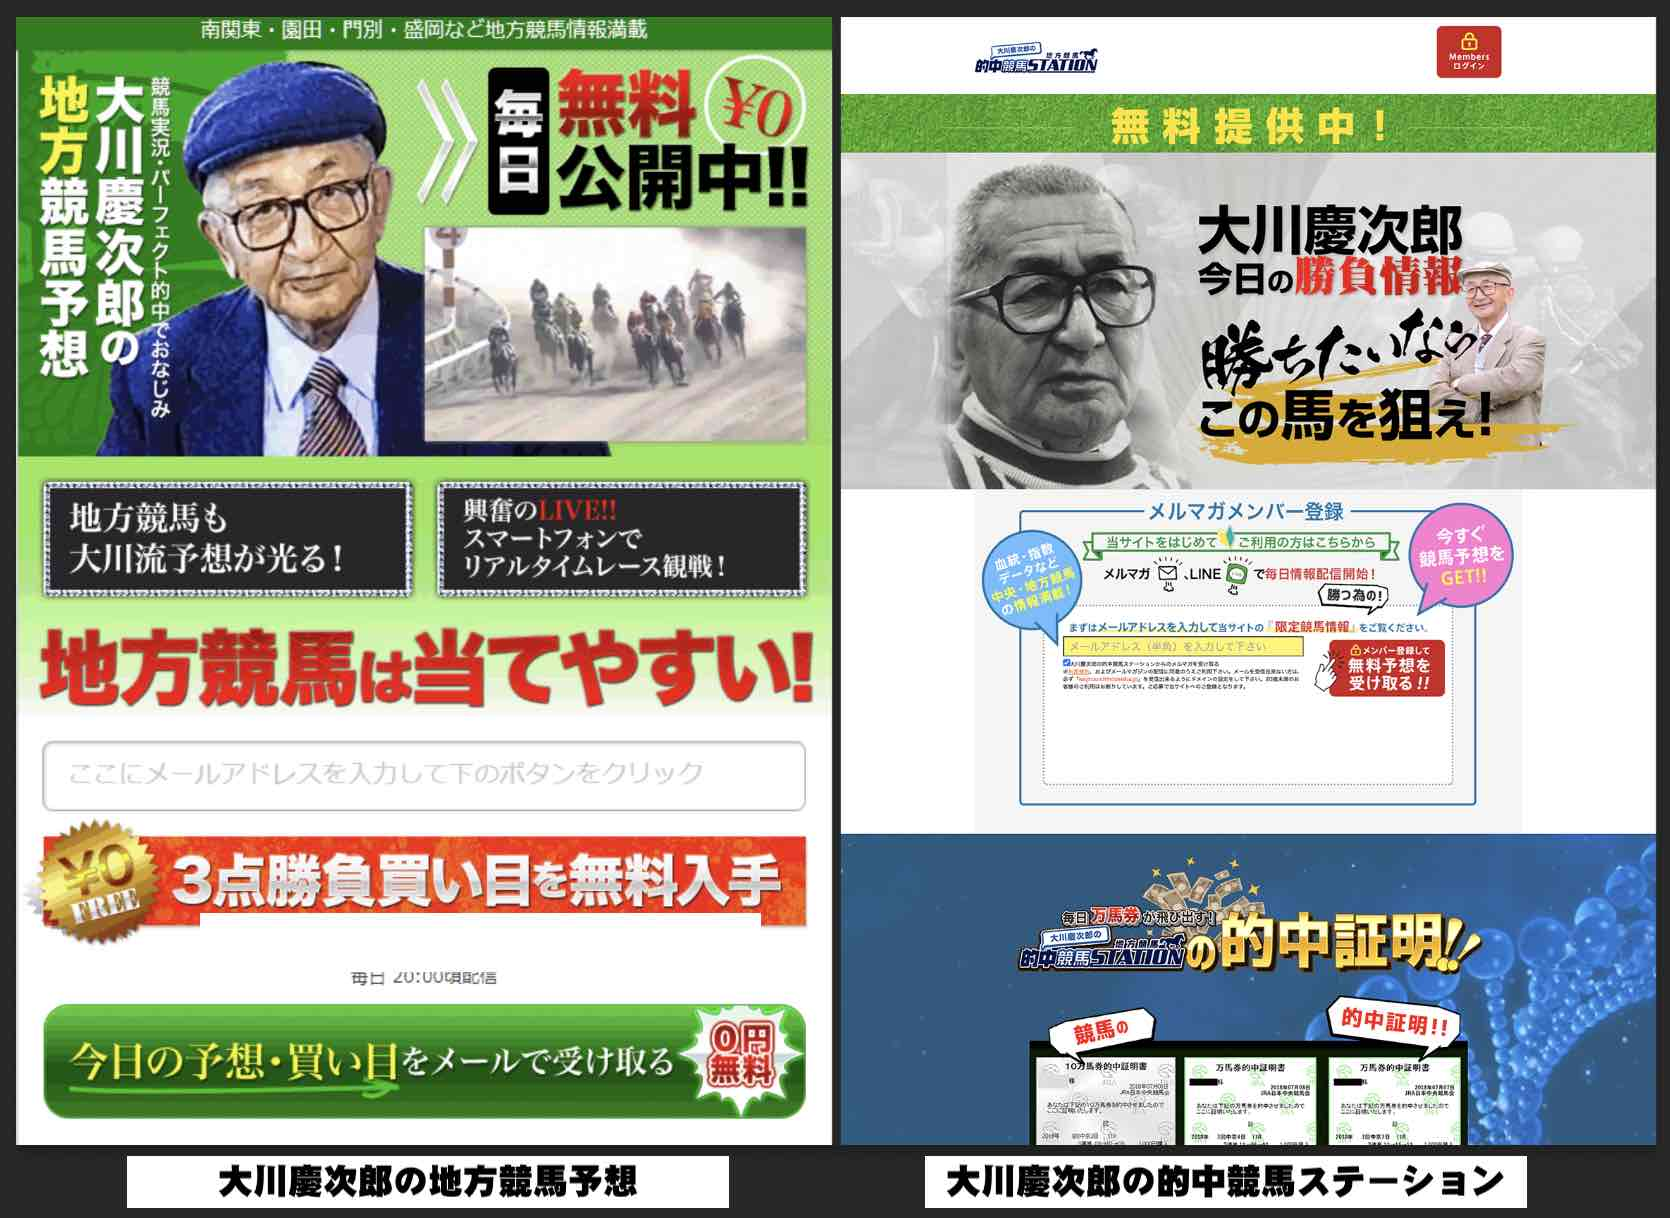 大川慶次郎の的中競馬ステーションという競馬予想サイトにリニューアル